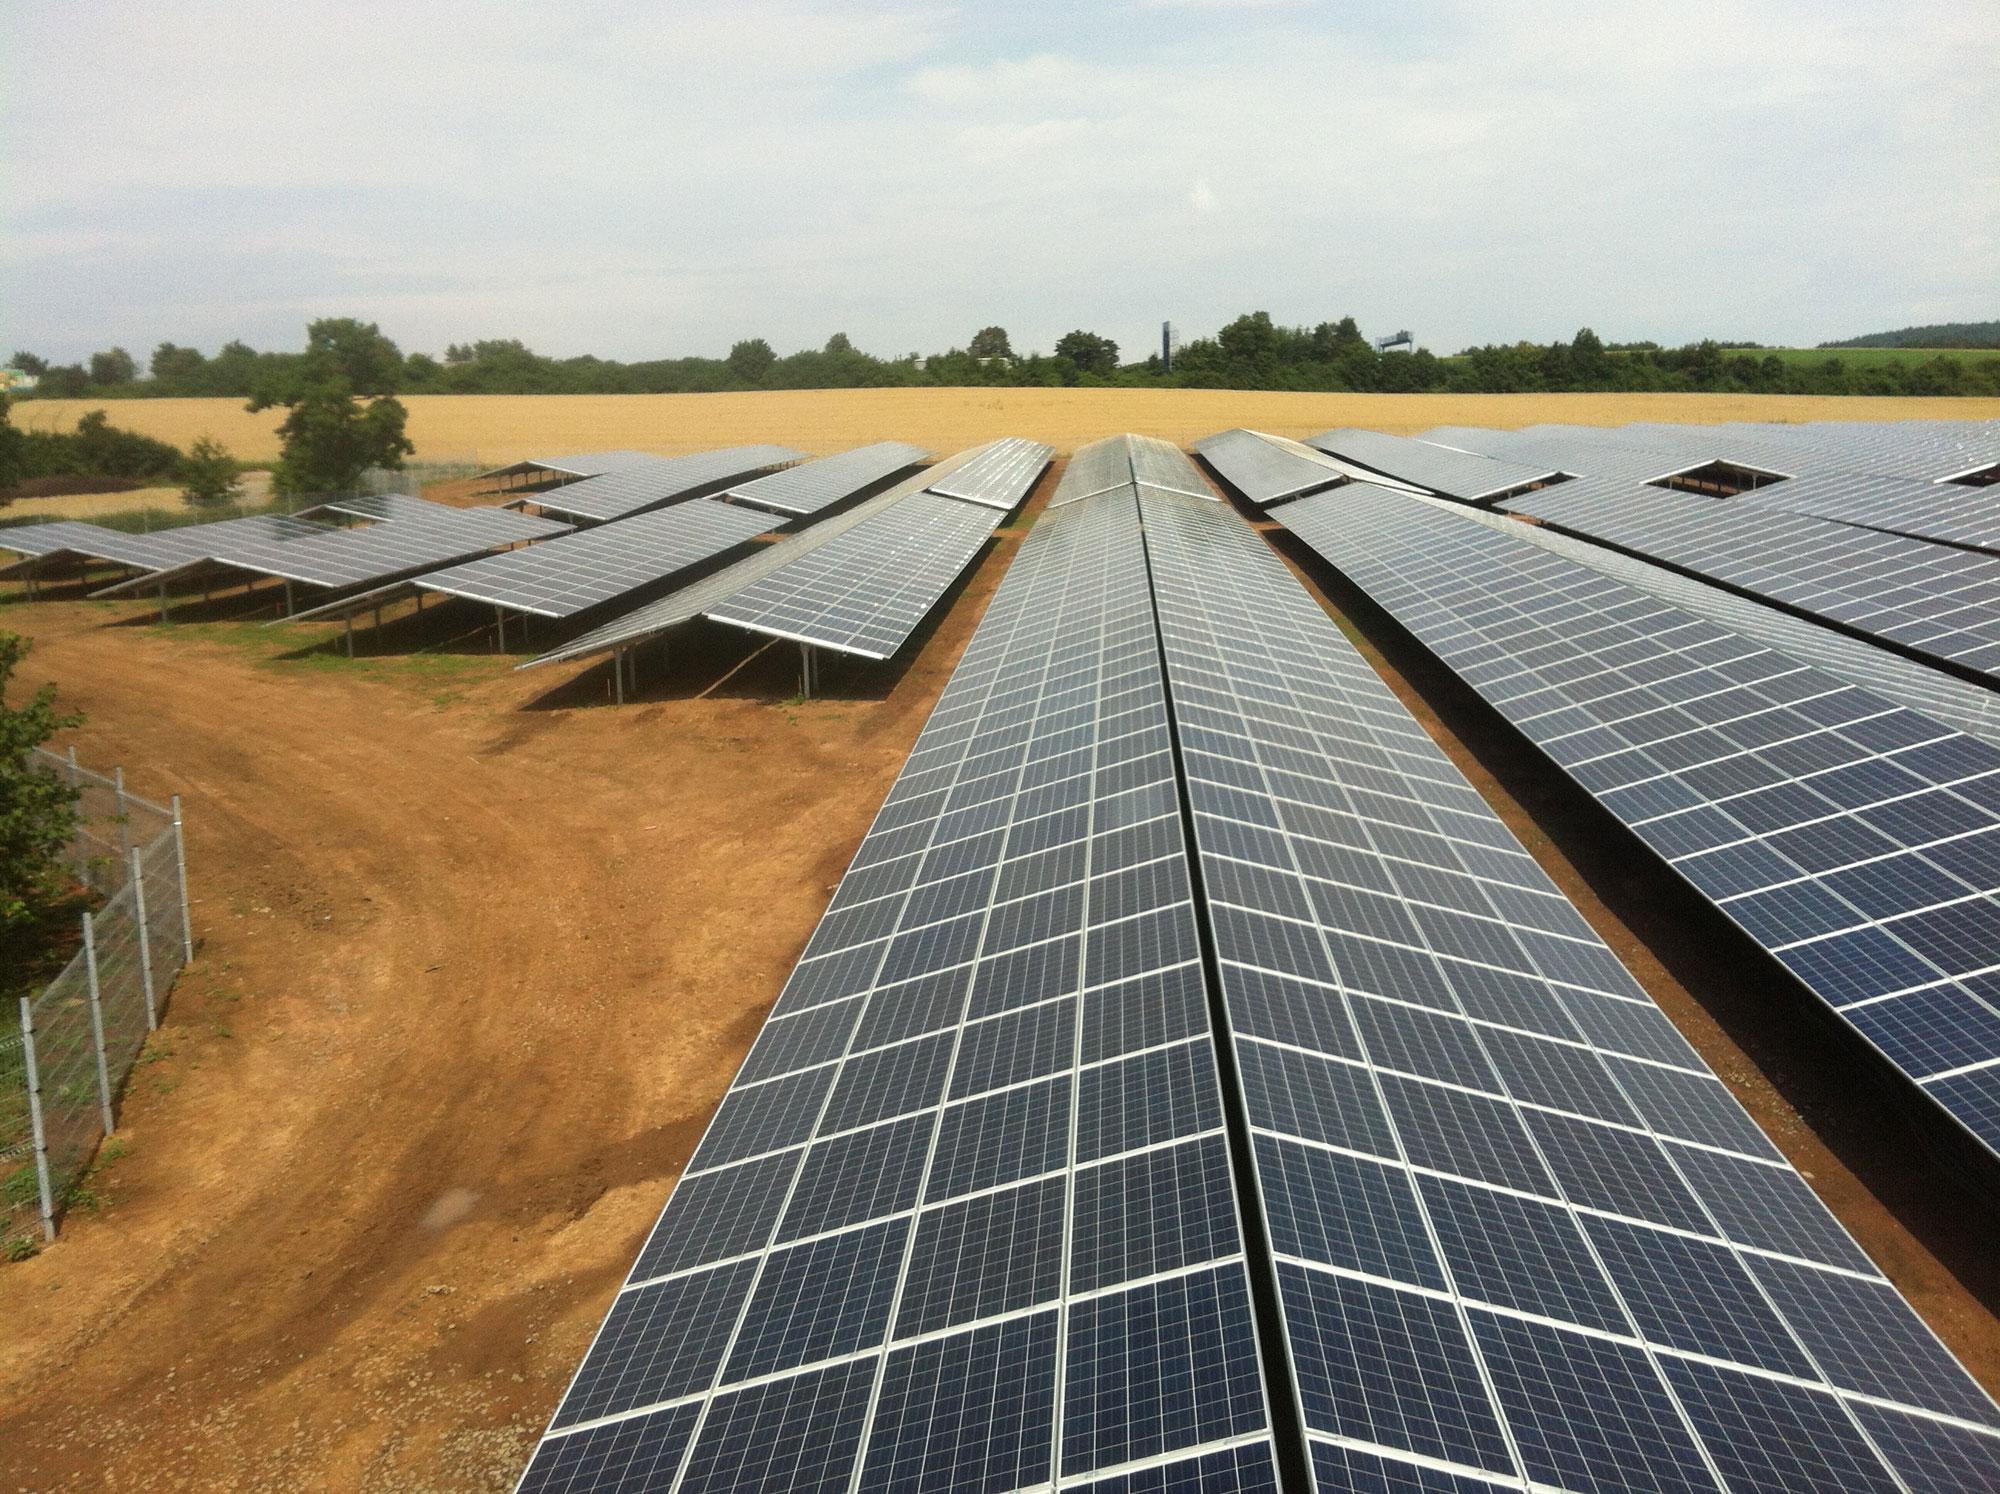 Energías renovables: Energía solar fotovoltaica es el petróleo de Paraguay